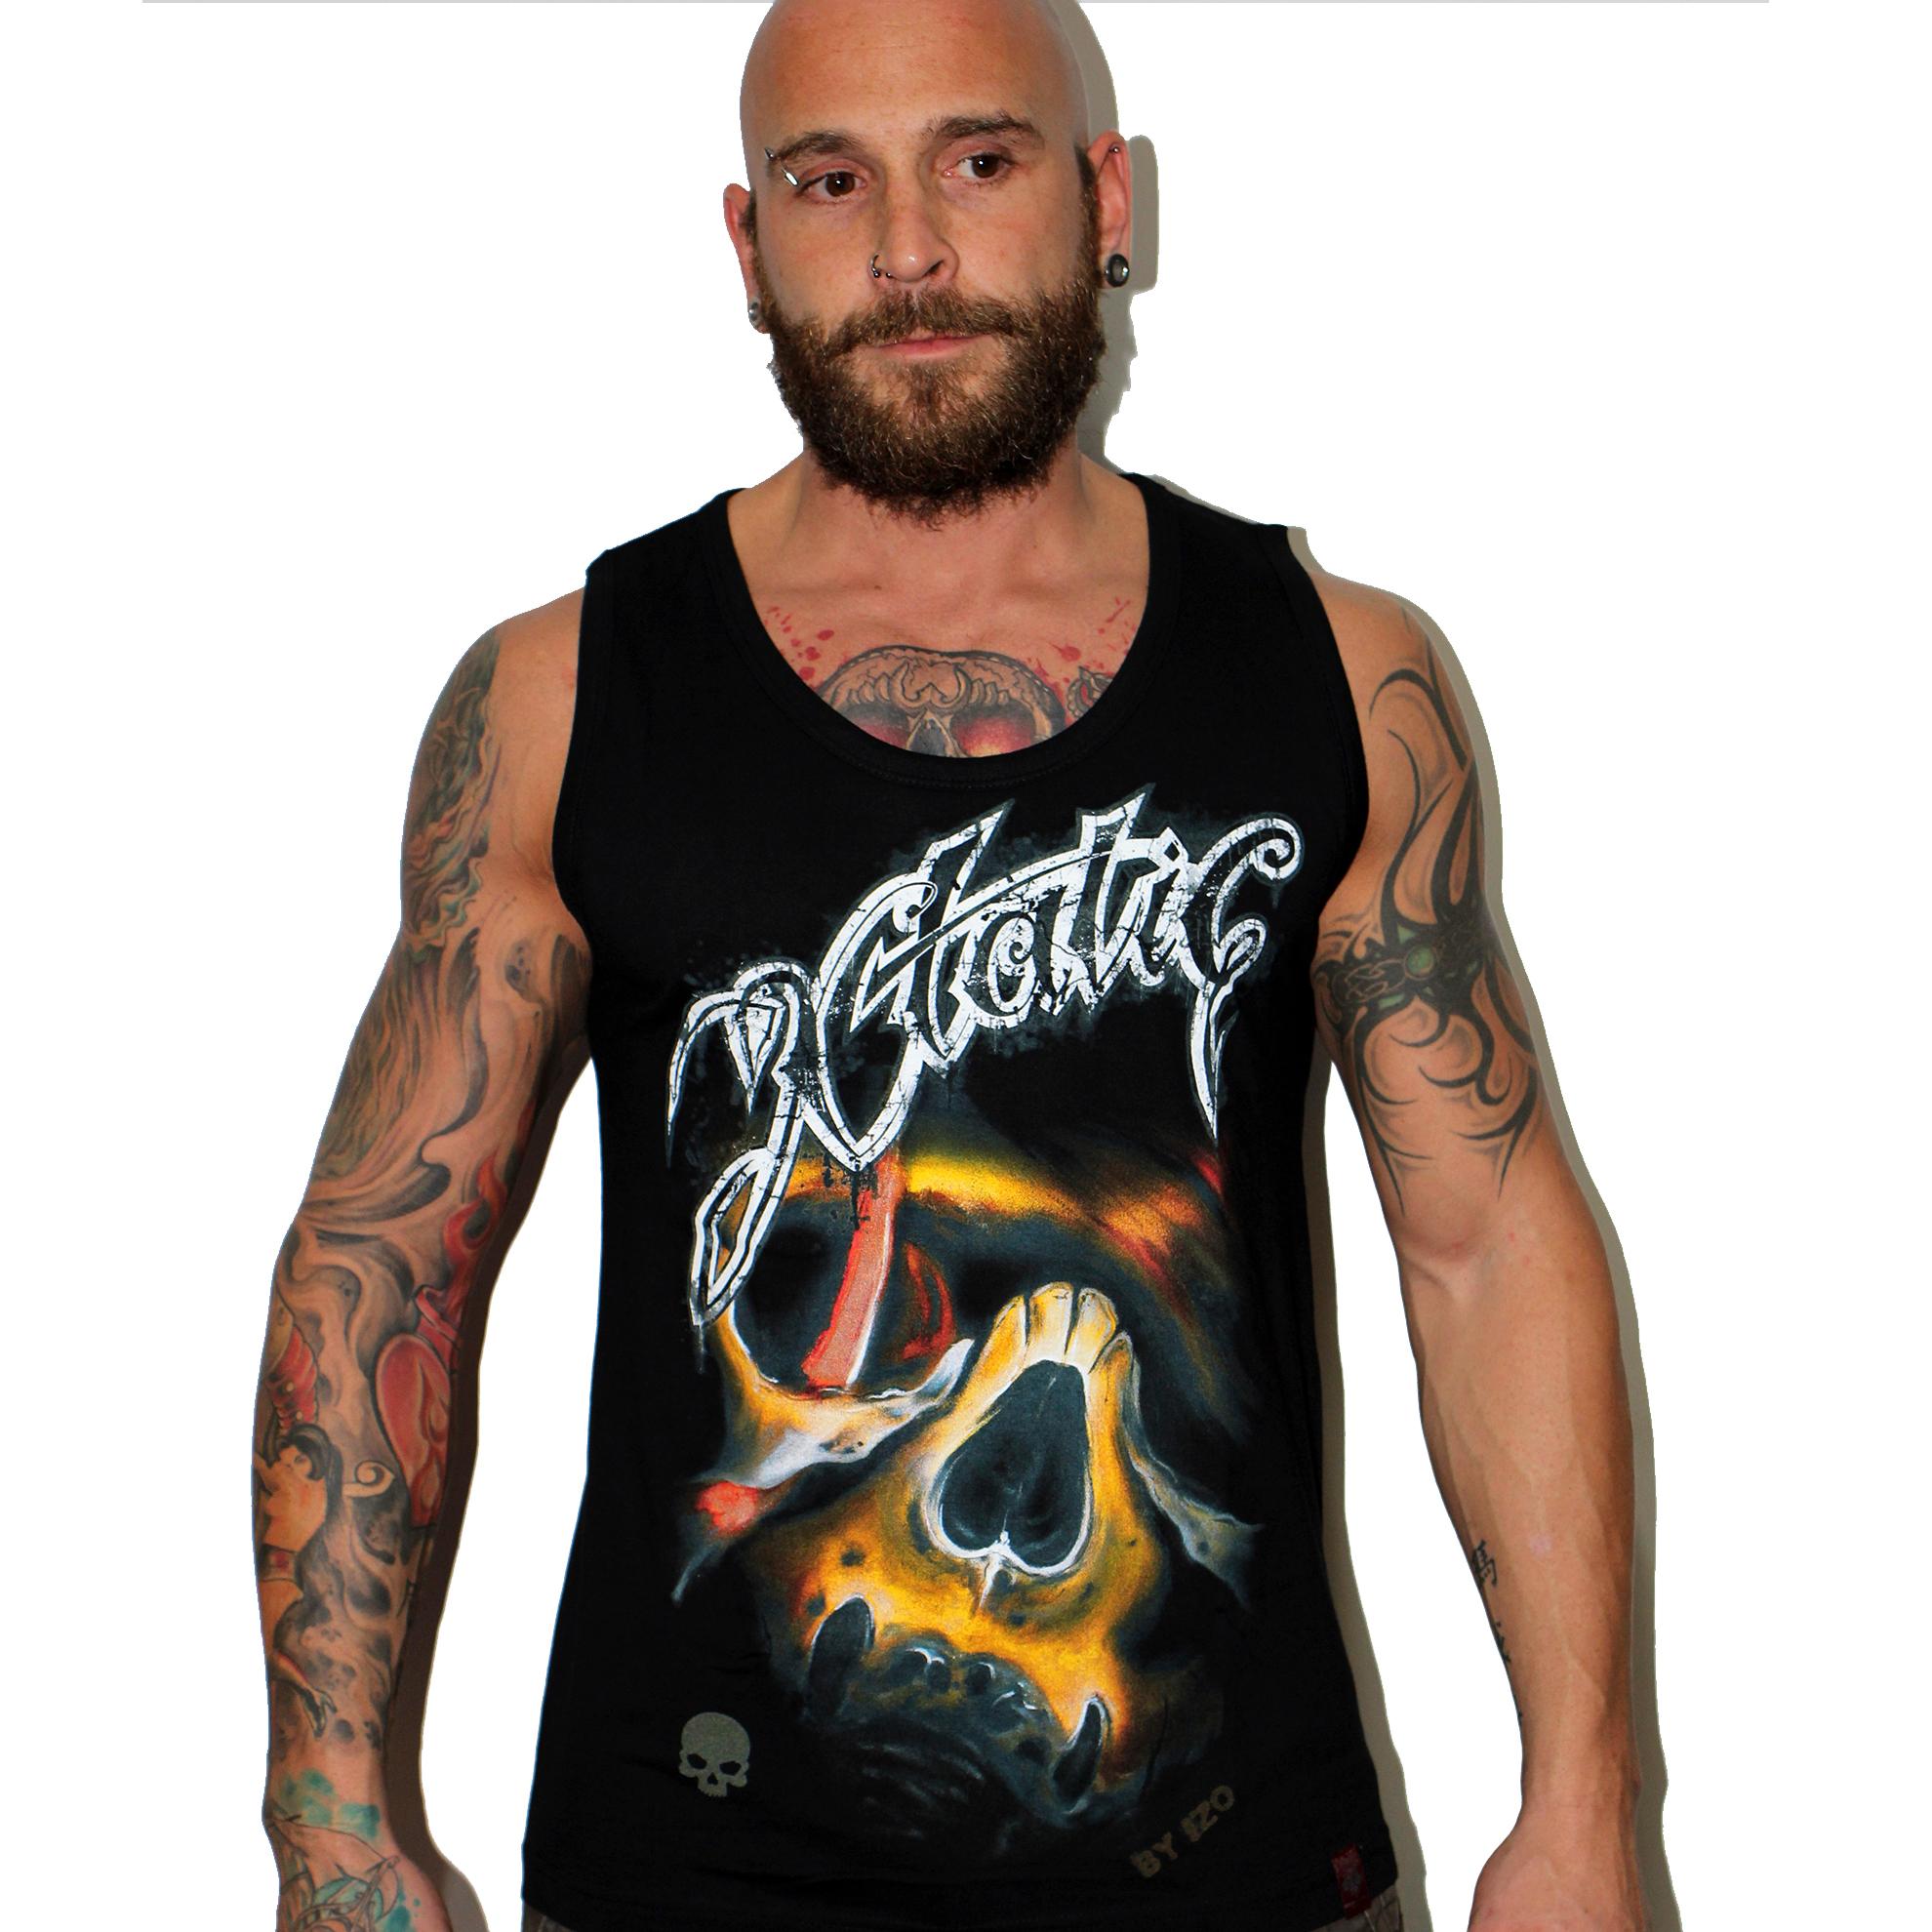 xtatic_wear_skull_art_tank_top_t_shirts_5.jpg